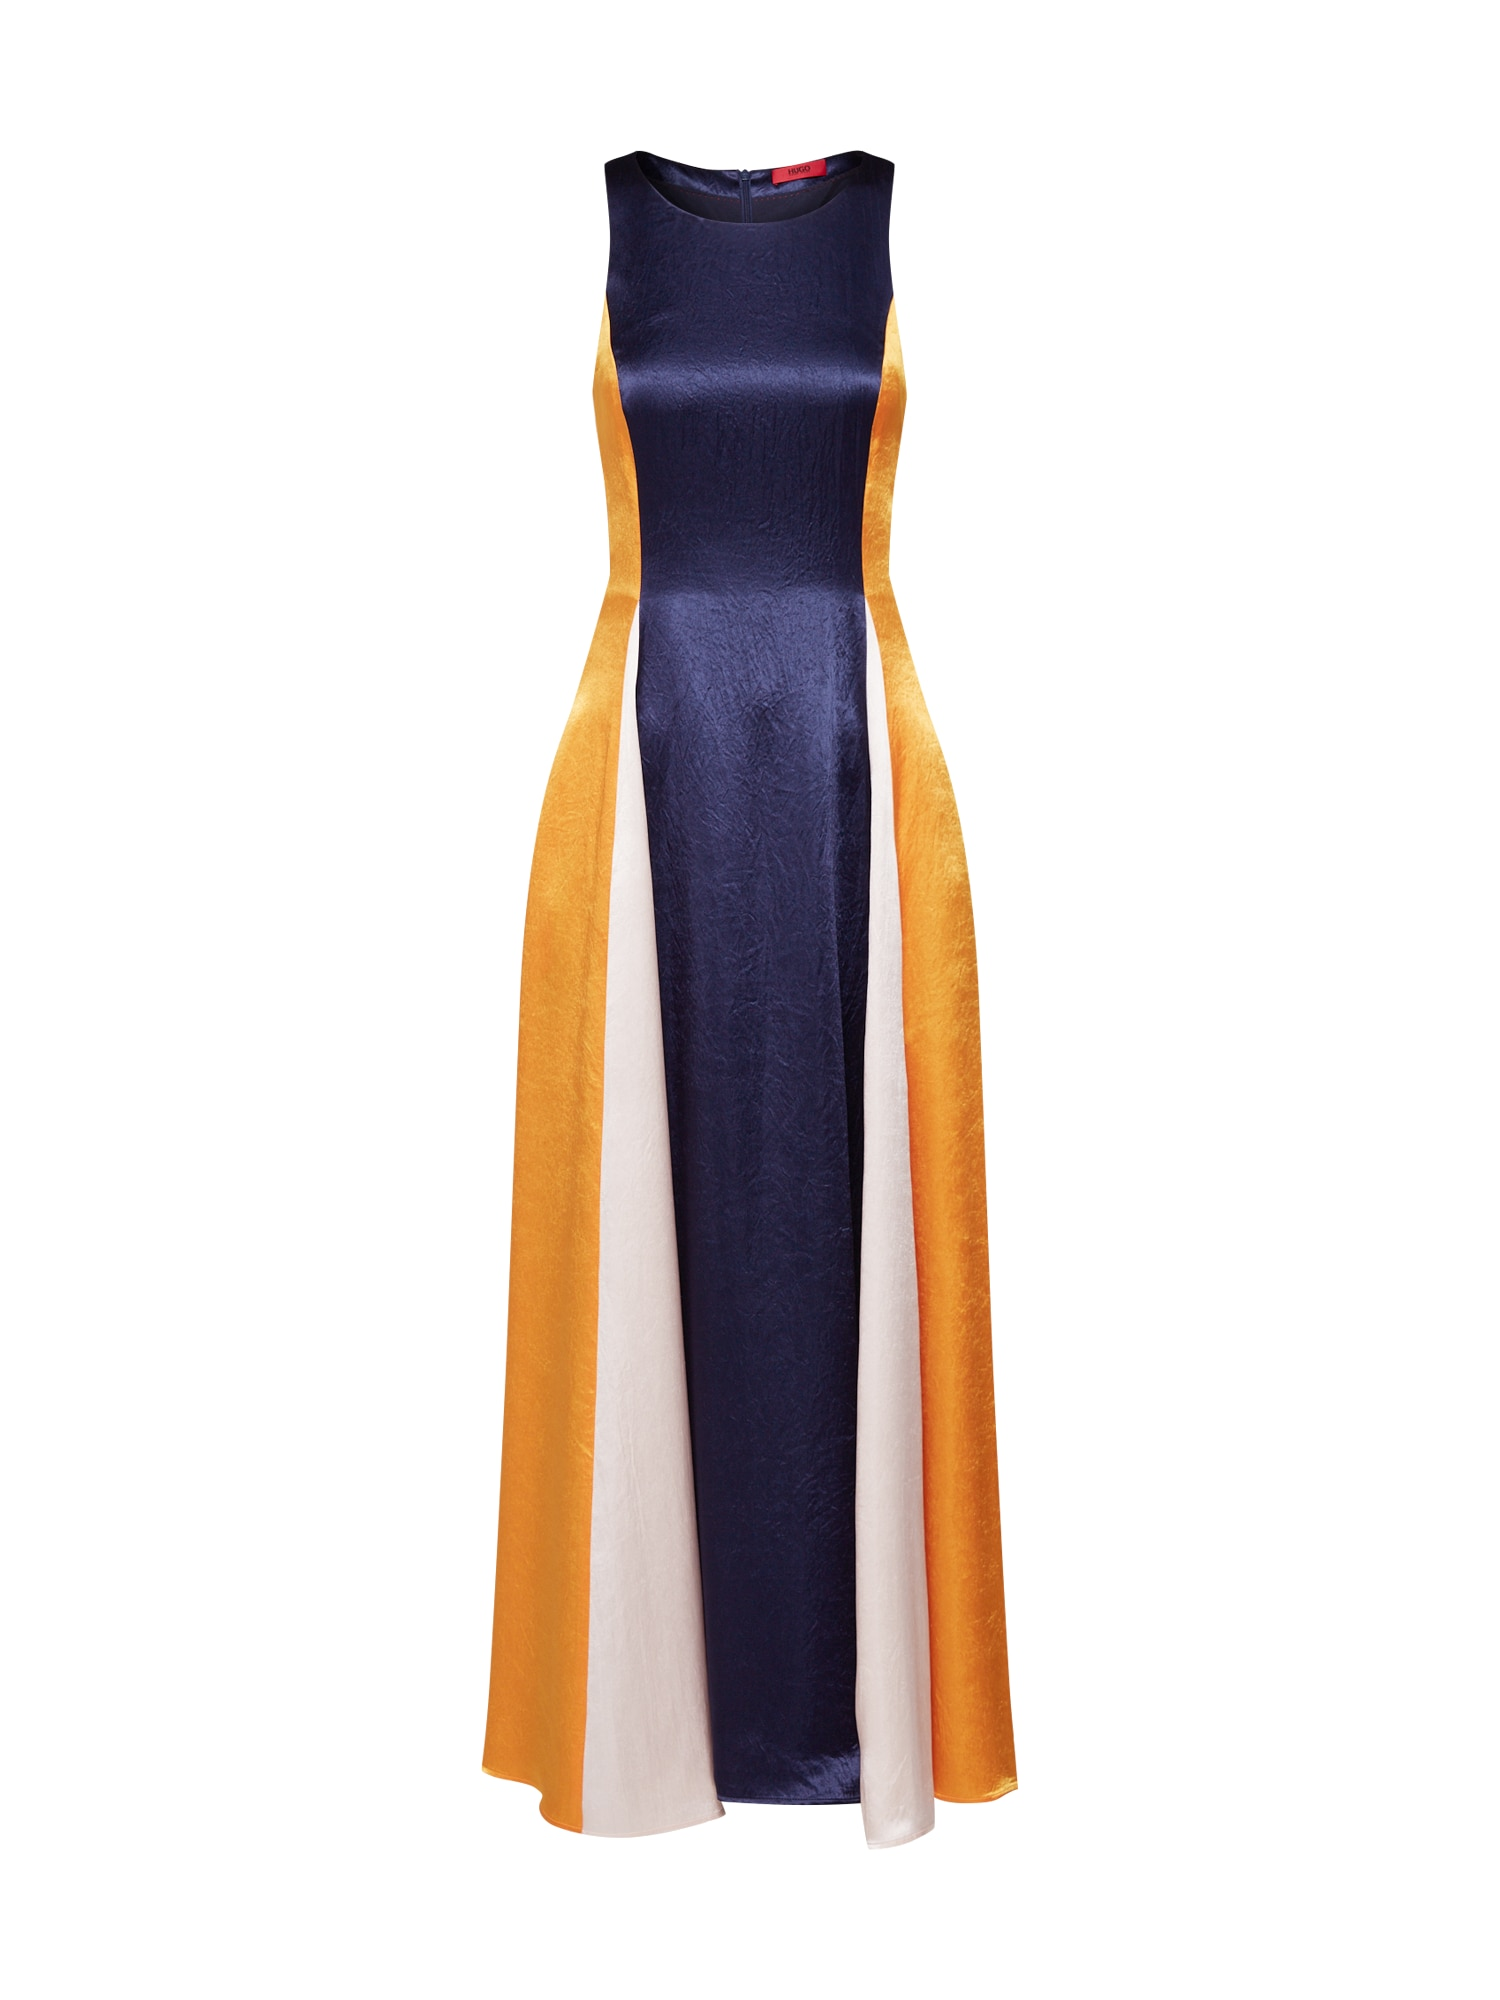 Společenské šaty Kanisi béžová modrá jasně oranžová HUGO